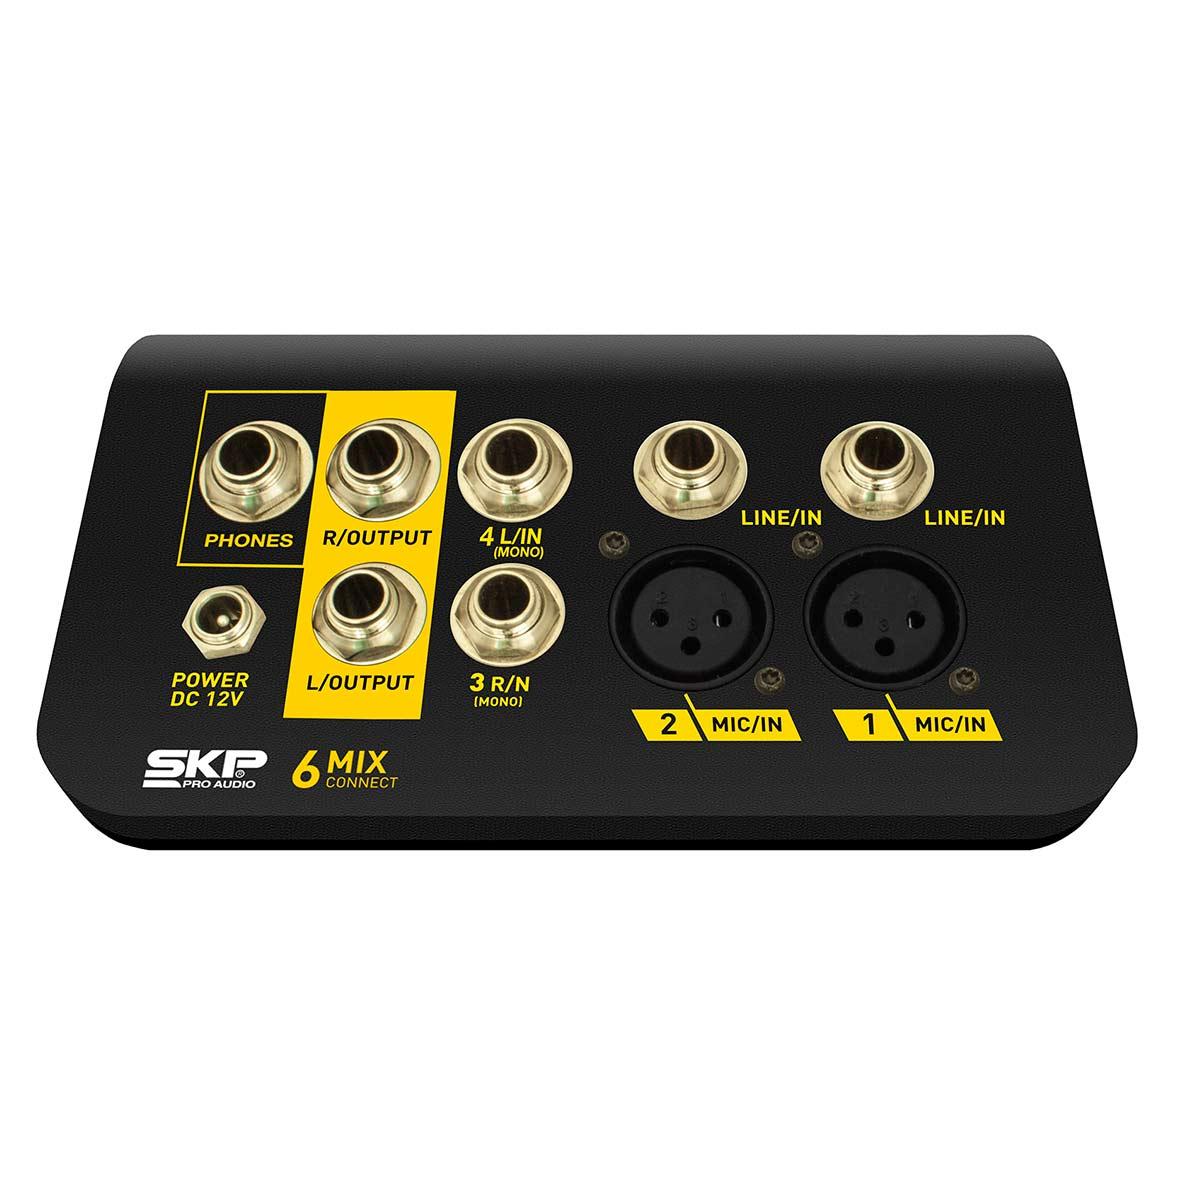 Connect6 - Mesa de Som / Mixer Compacto 3 Canais Mix Connect 6 - SKP